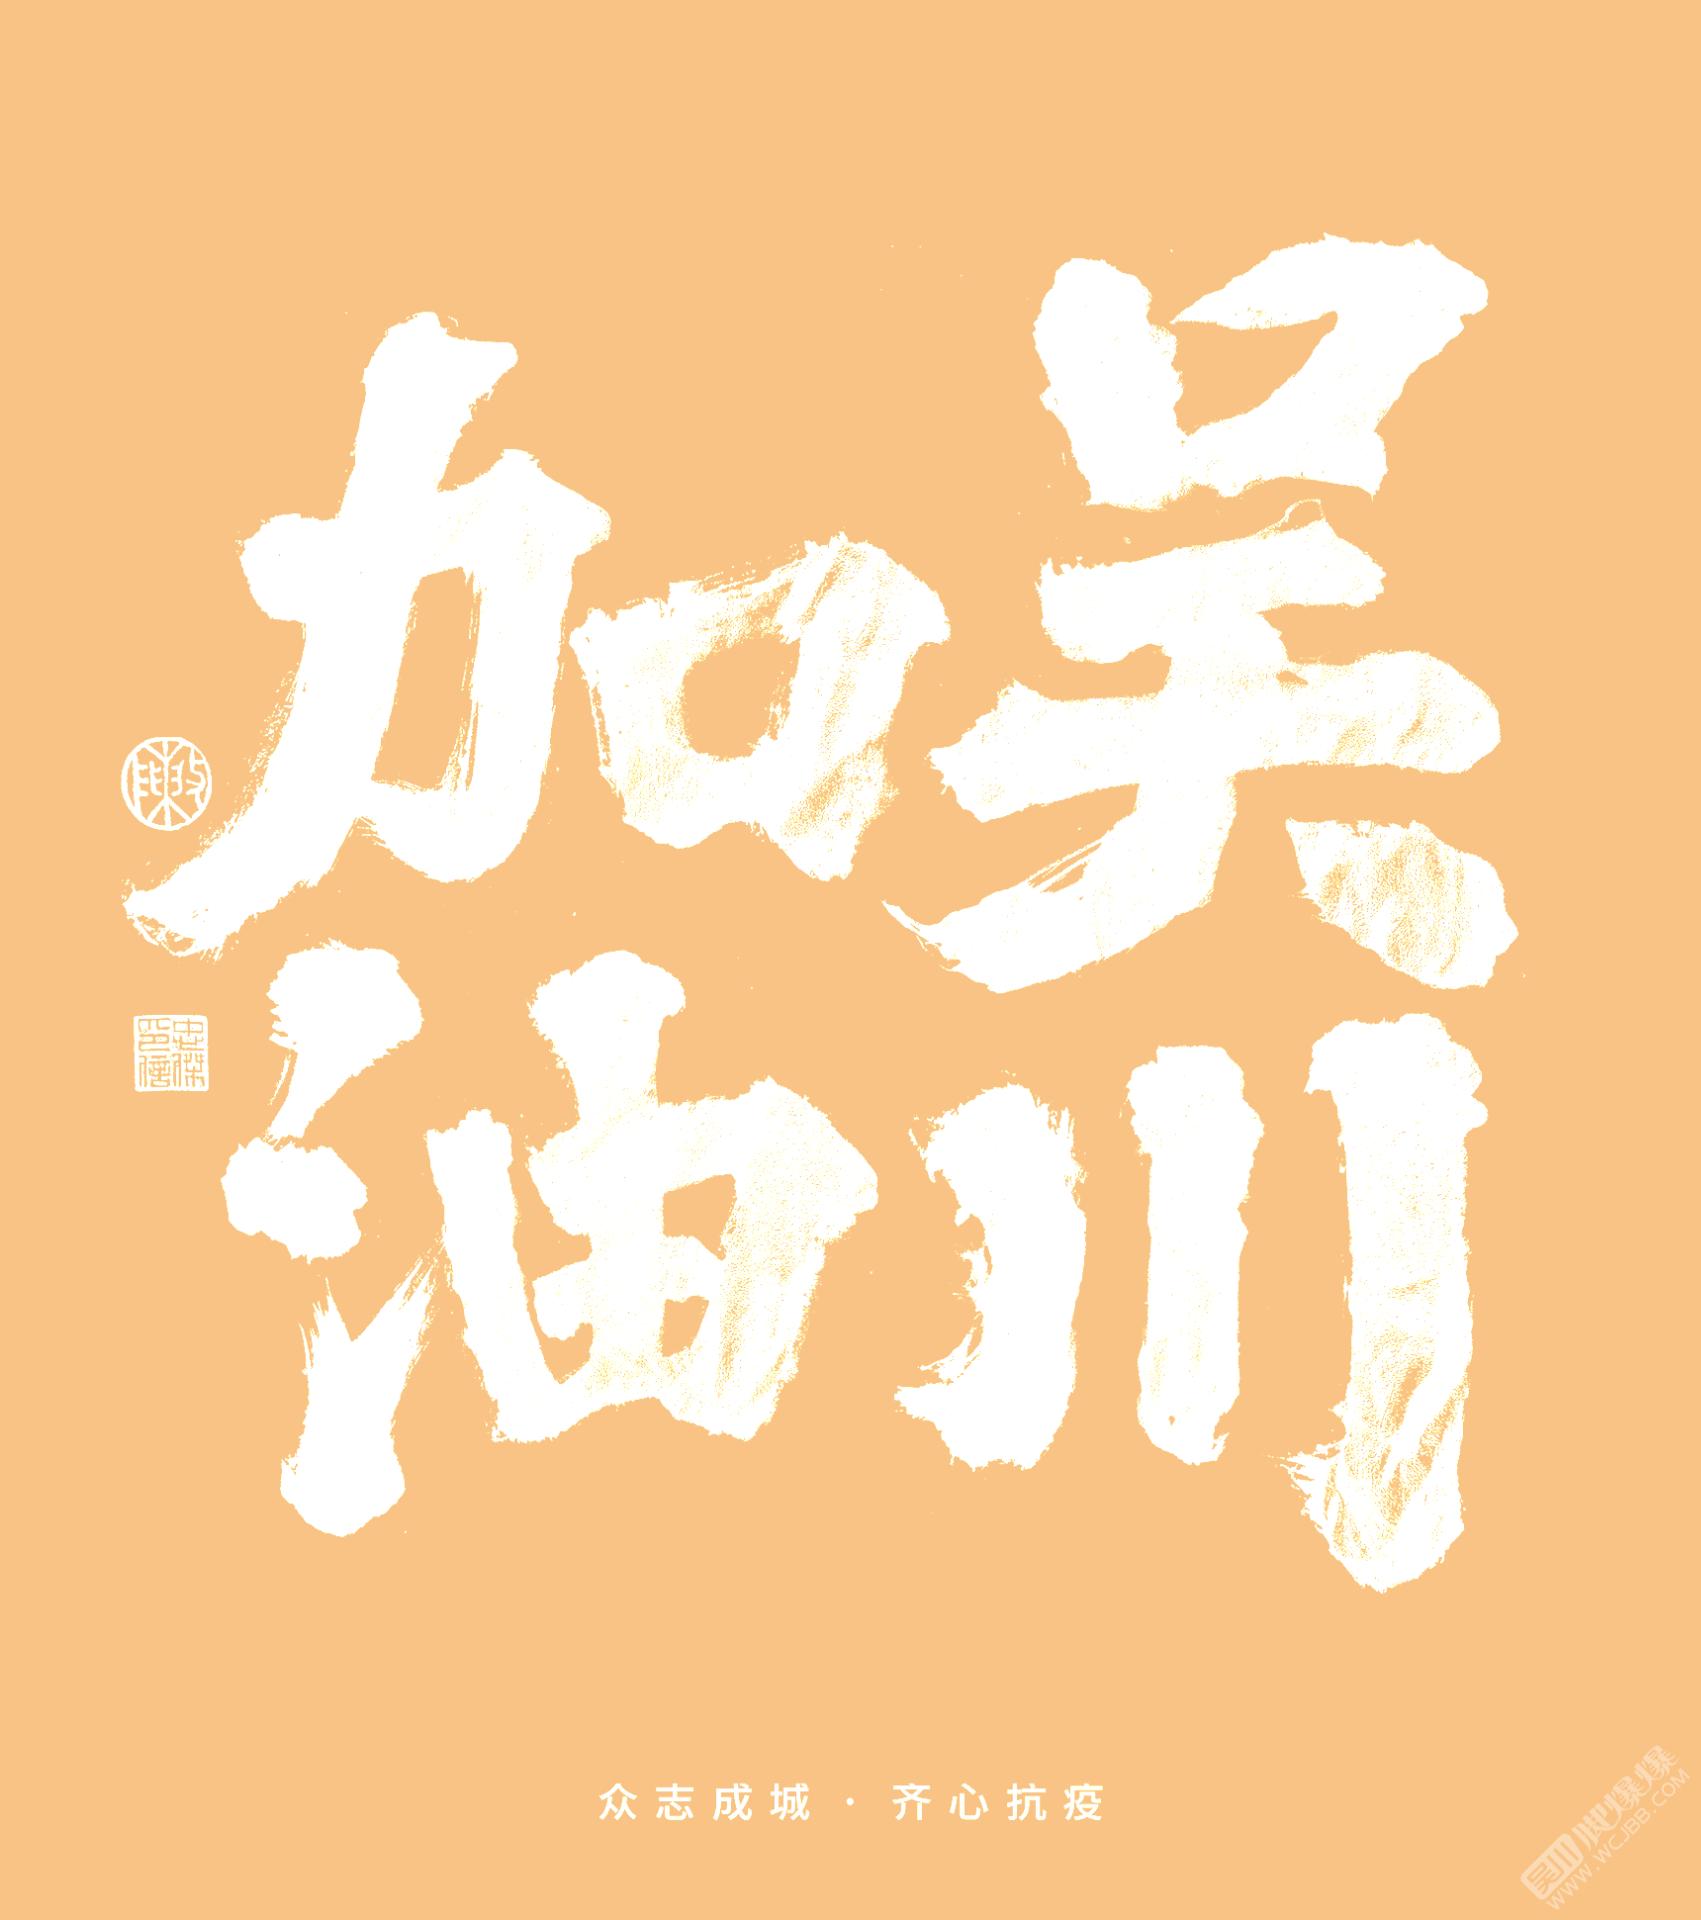 《加油吴川》书法字体设计